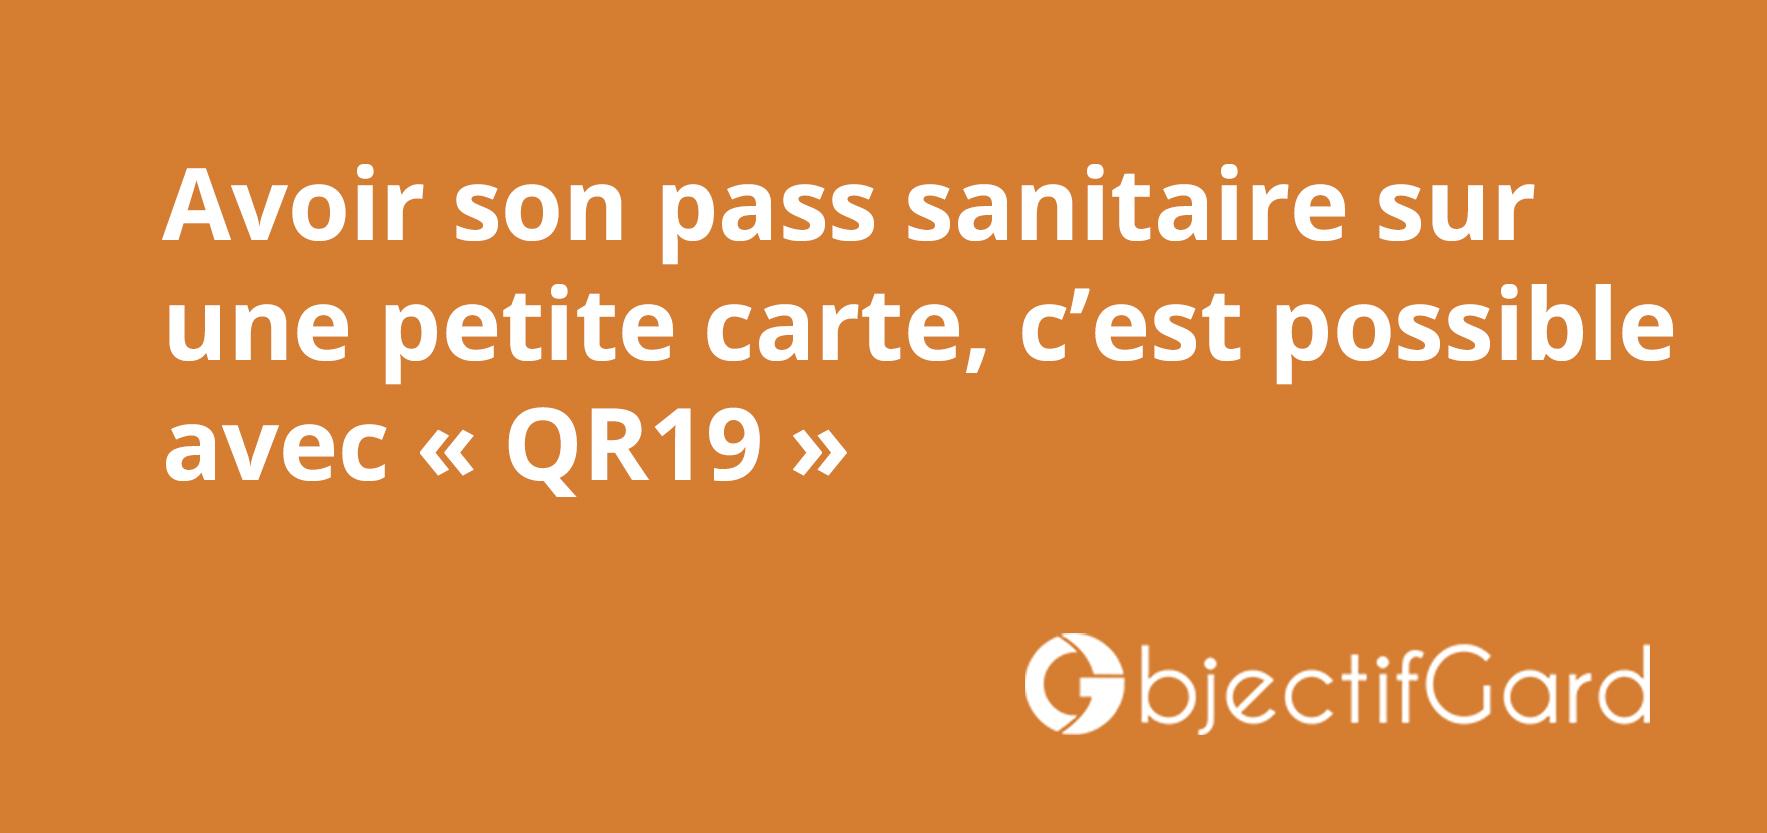 Avoir son pass sanitaire sur une petite carte, c'est possible avec « QR19 »